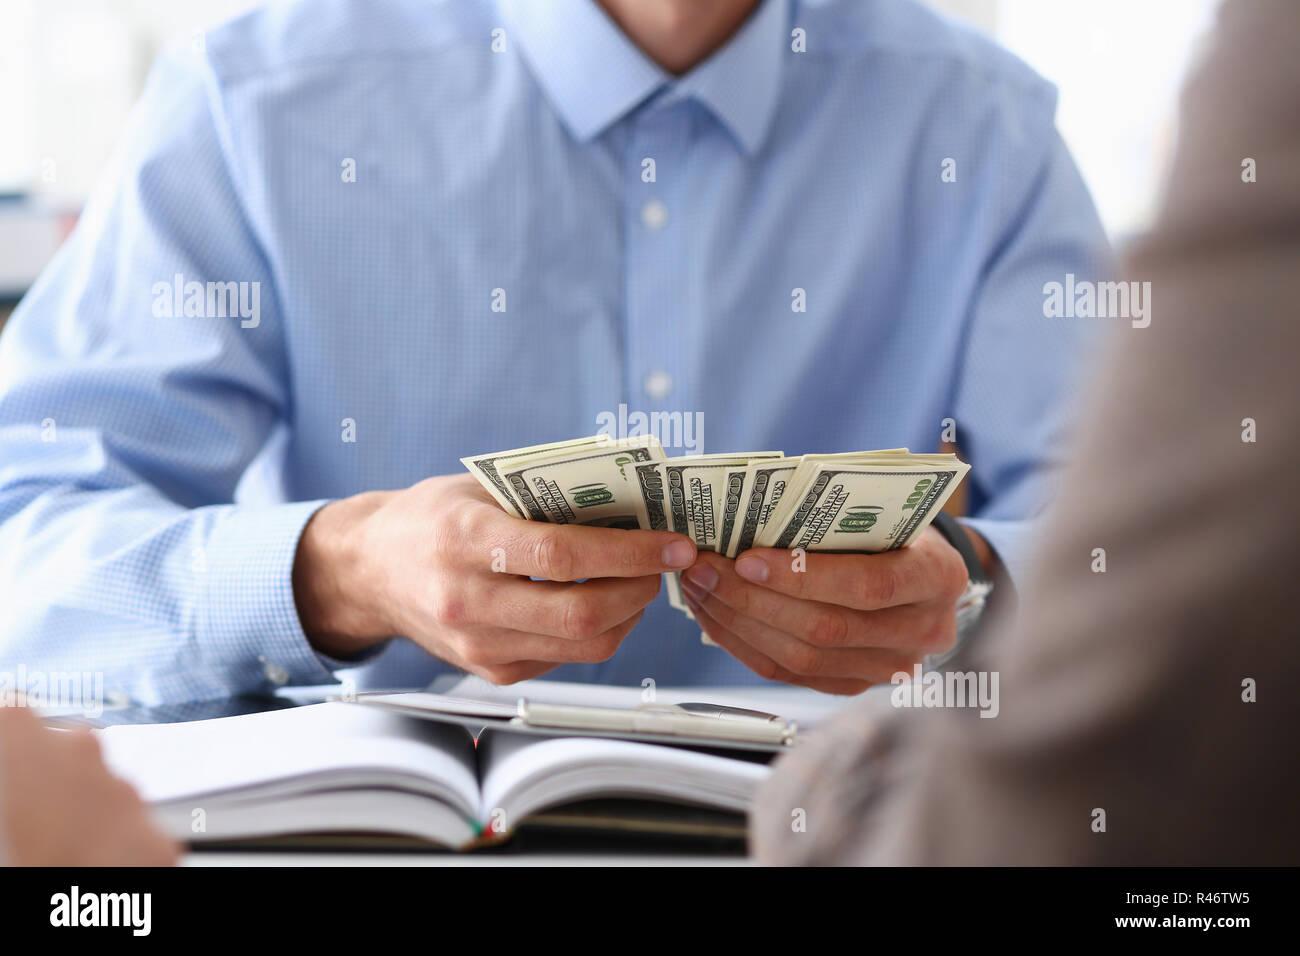 Der Unternehmer hält Bargeld Dollar im Büro Stockbild